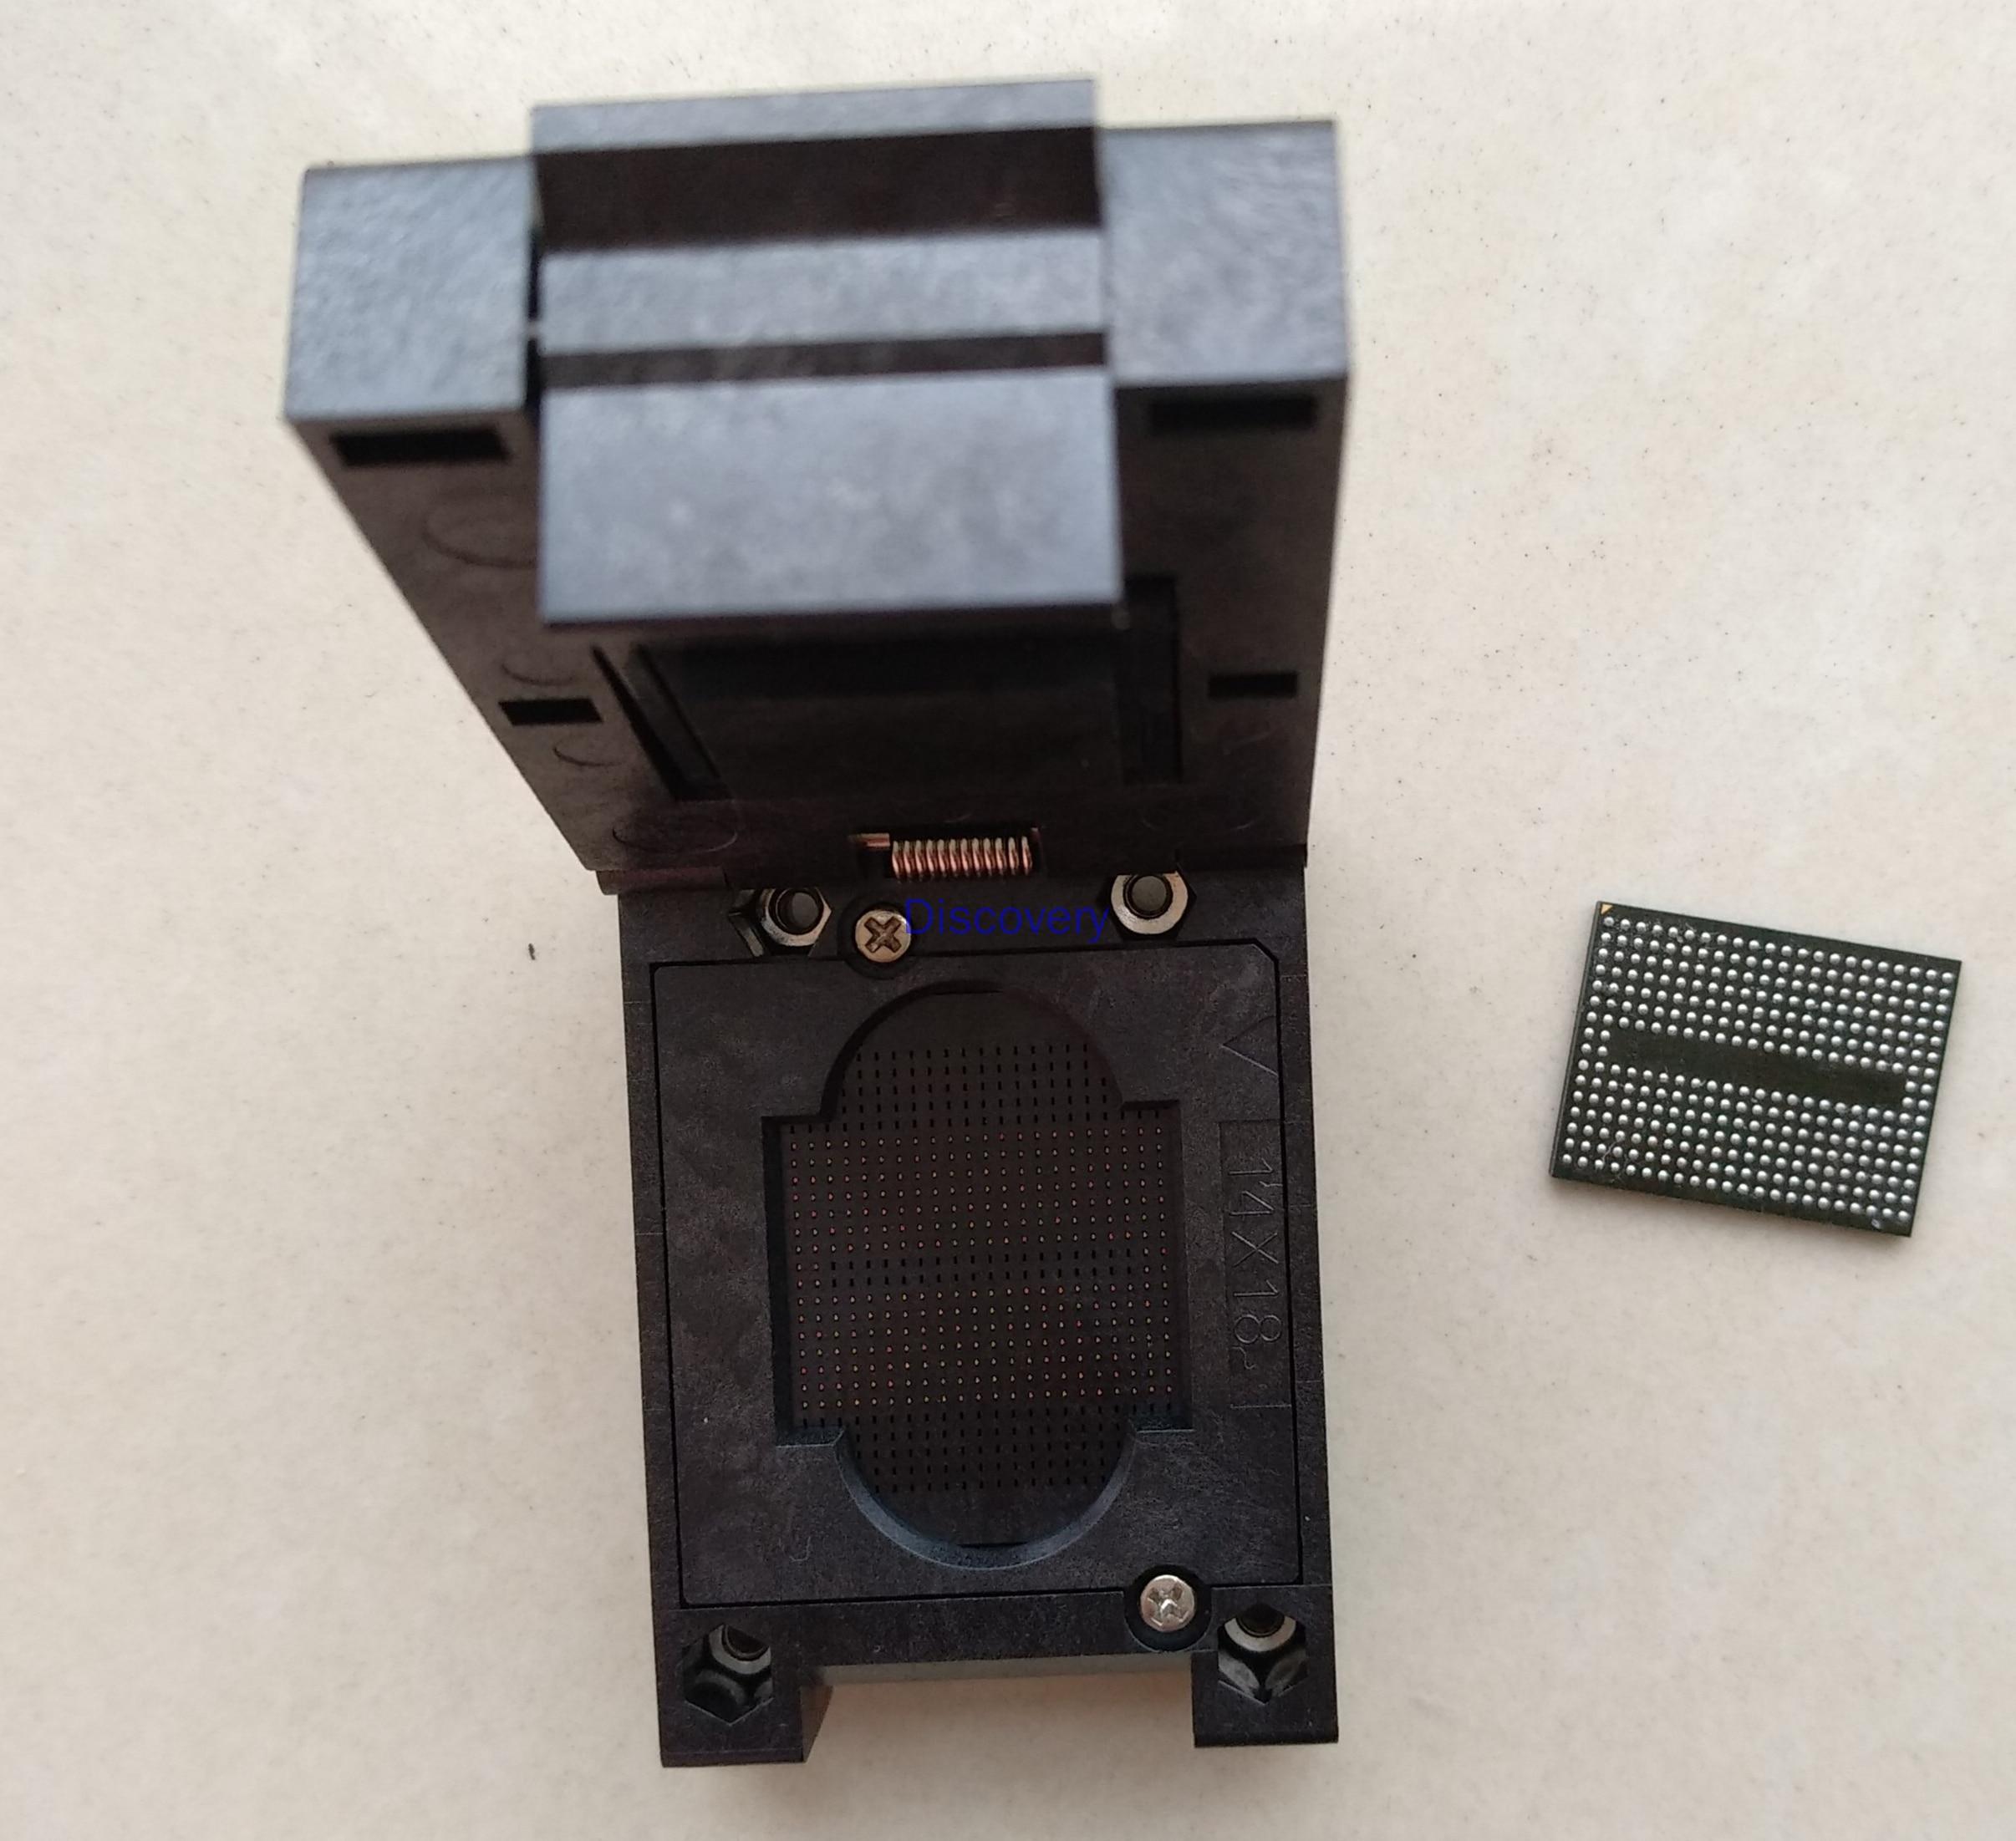 BGA316 المقبس NAND ذاكرة فلاش حرق في المقبس اختبار حرق المقبس فلاش SSD عالية التردد اختبار المقبس